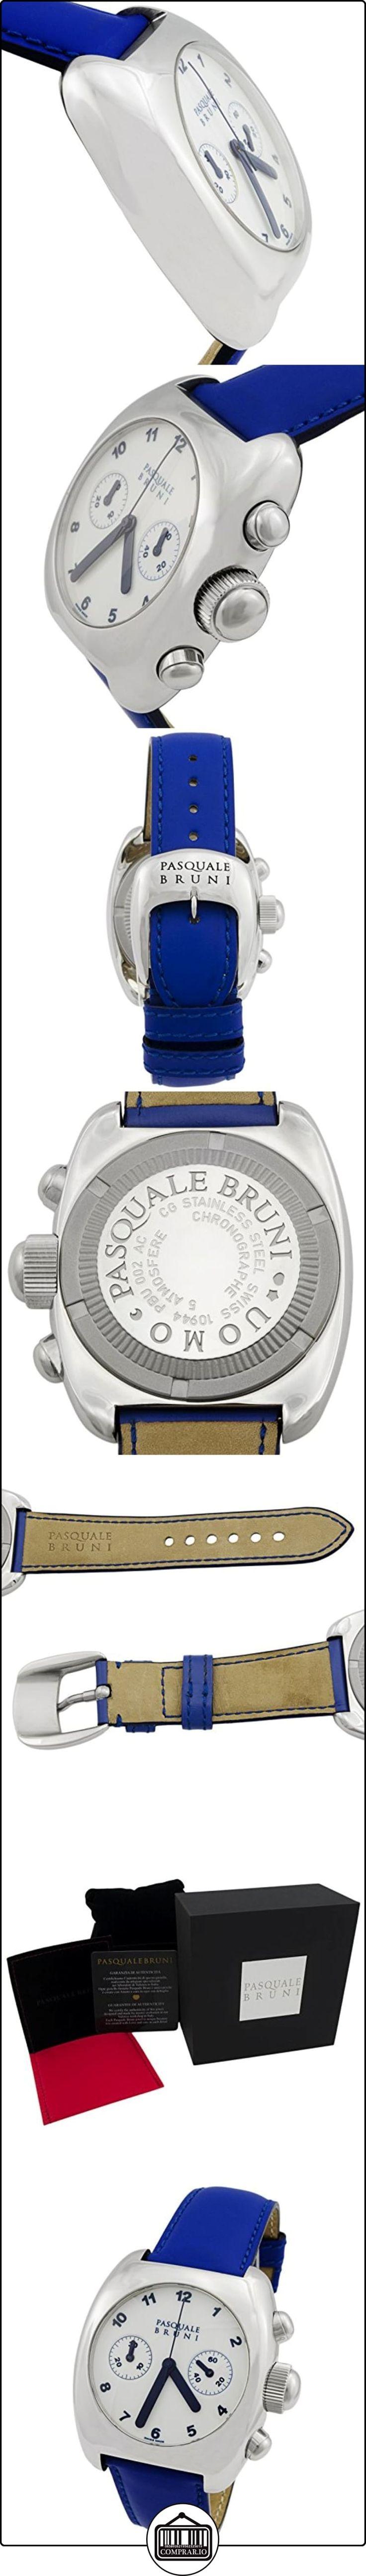 Pasquale Bruni Uomo cronógrafo de acero inoxidable reloj de los hombres automáticos suizo hecho 00MCA13  ✿ Relojes para hombre - (Lujo) ✿